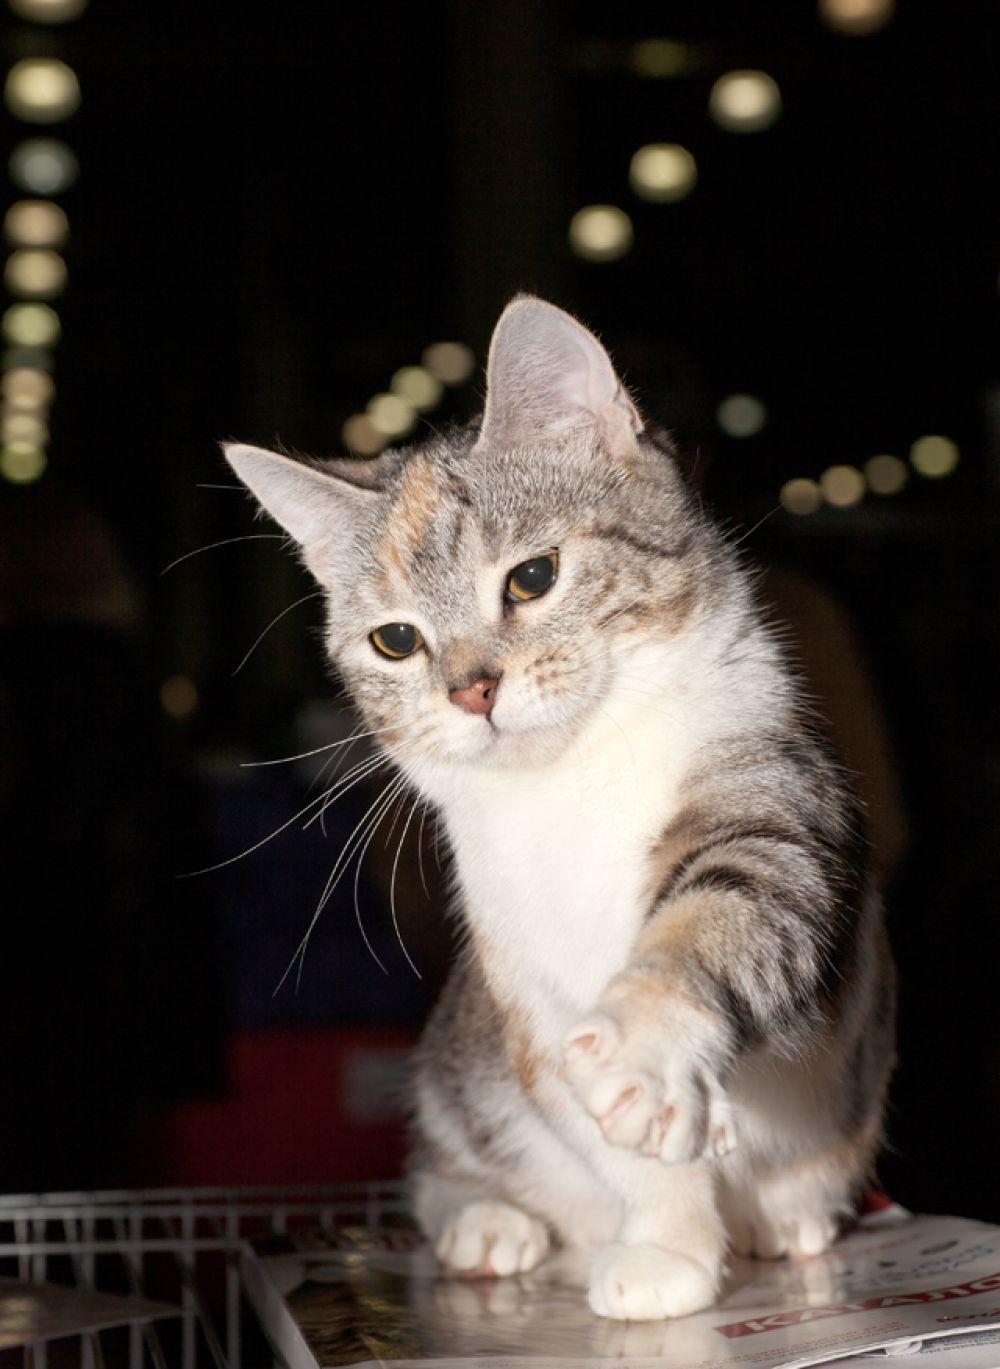 Манчкин. При средней длине тела лапки манчкинов короче, чем у обычных кошек в 2-3 раза, из-за этой особенности их иногда называют таксами.